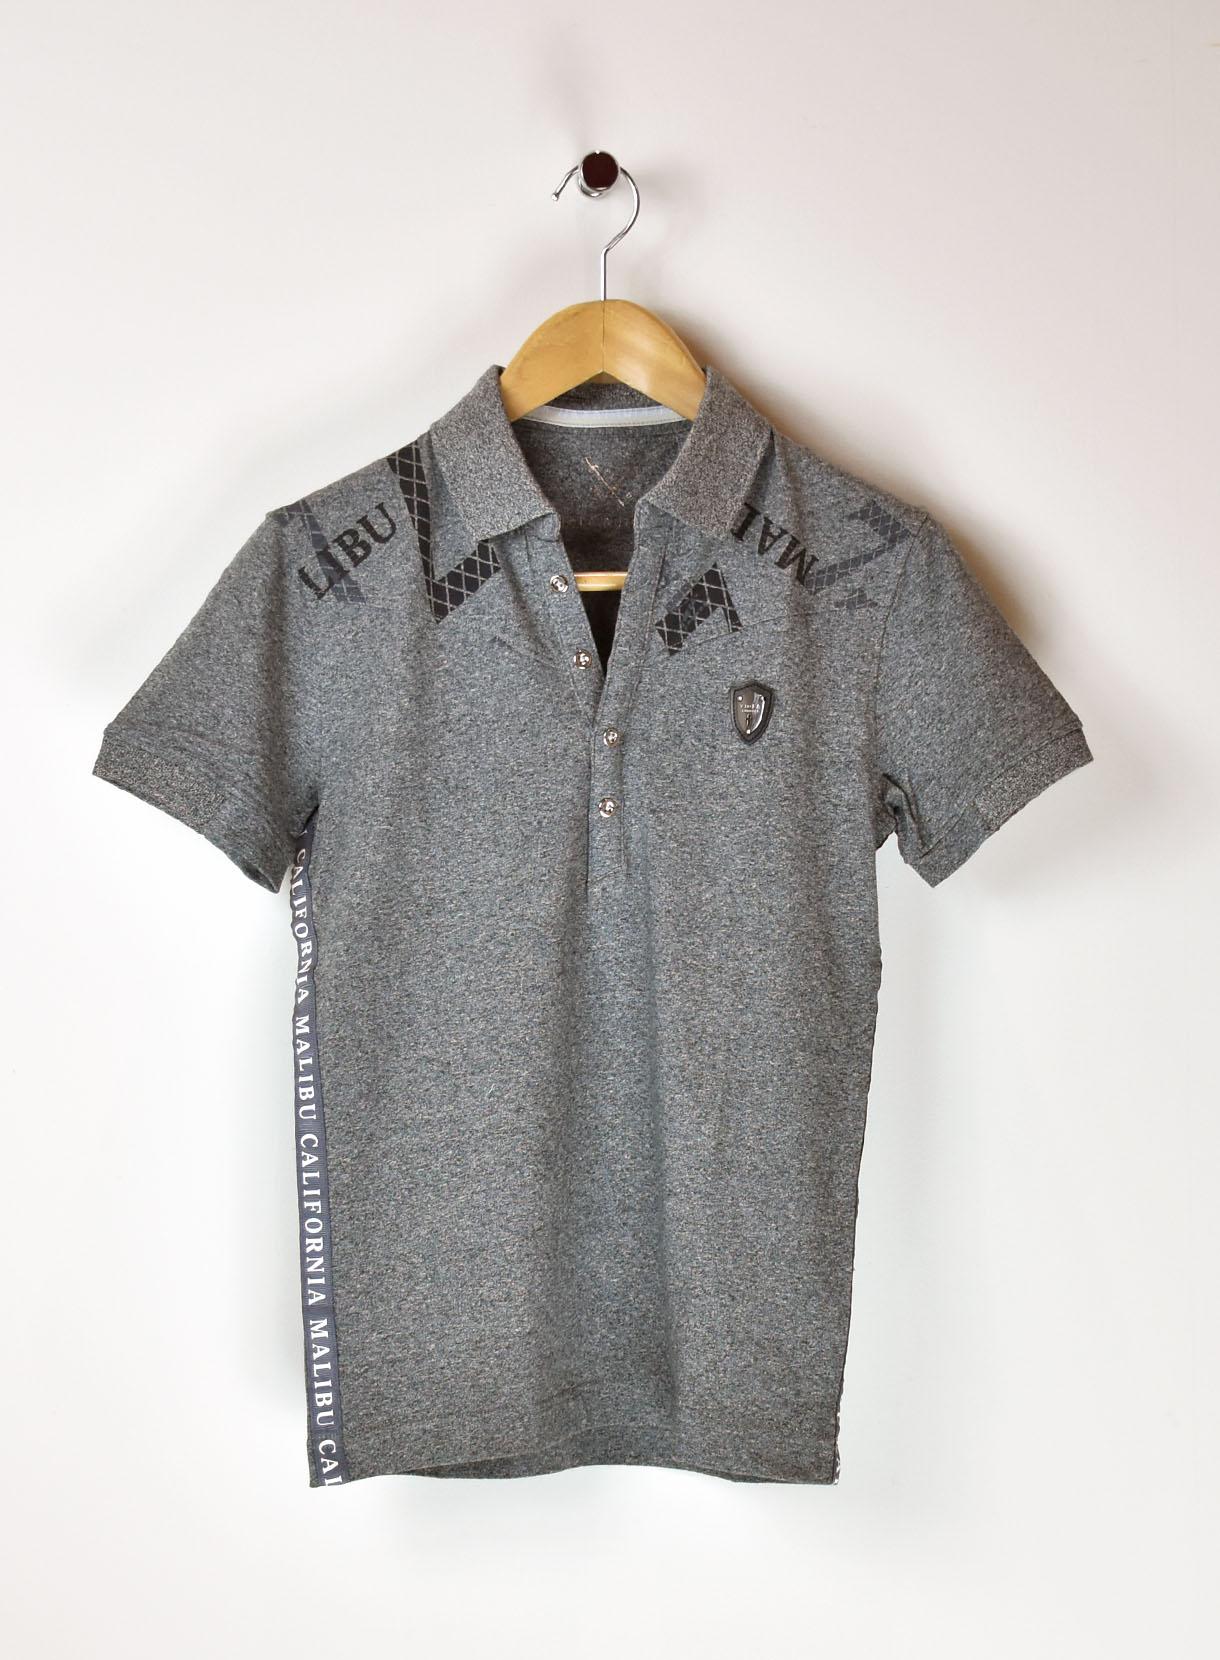 VIOLAショルダーロゴ×Sテープポロシャツ